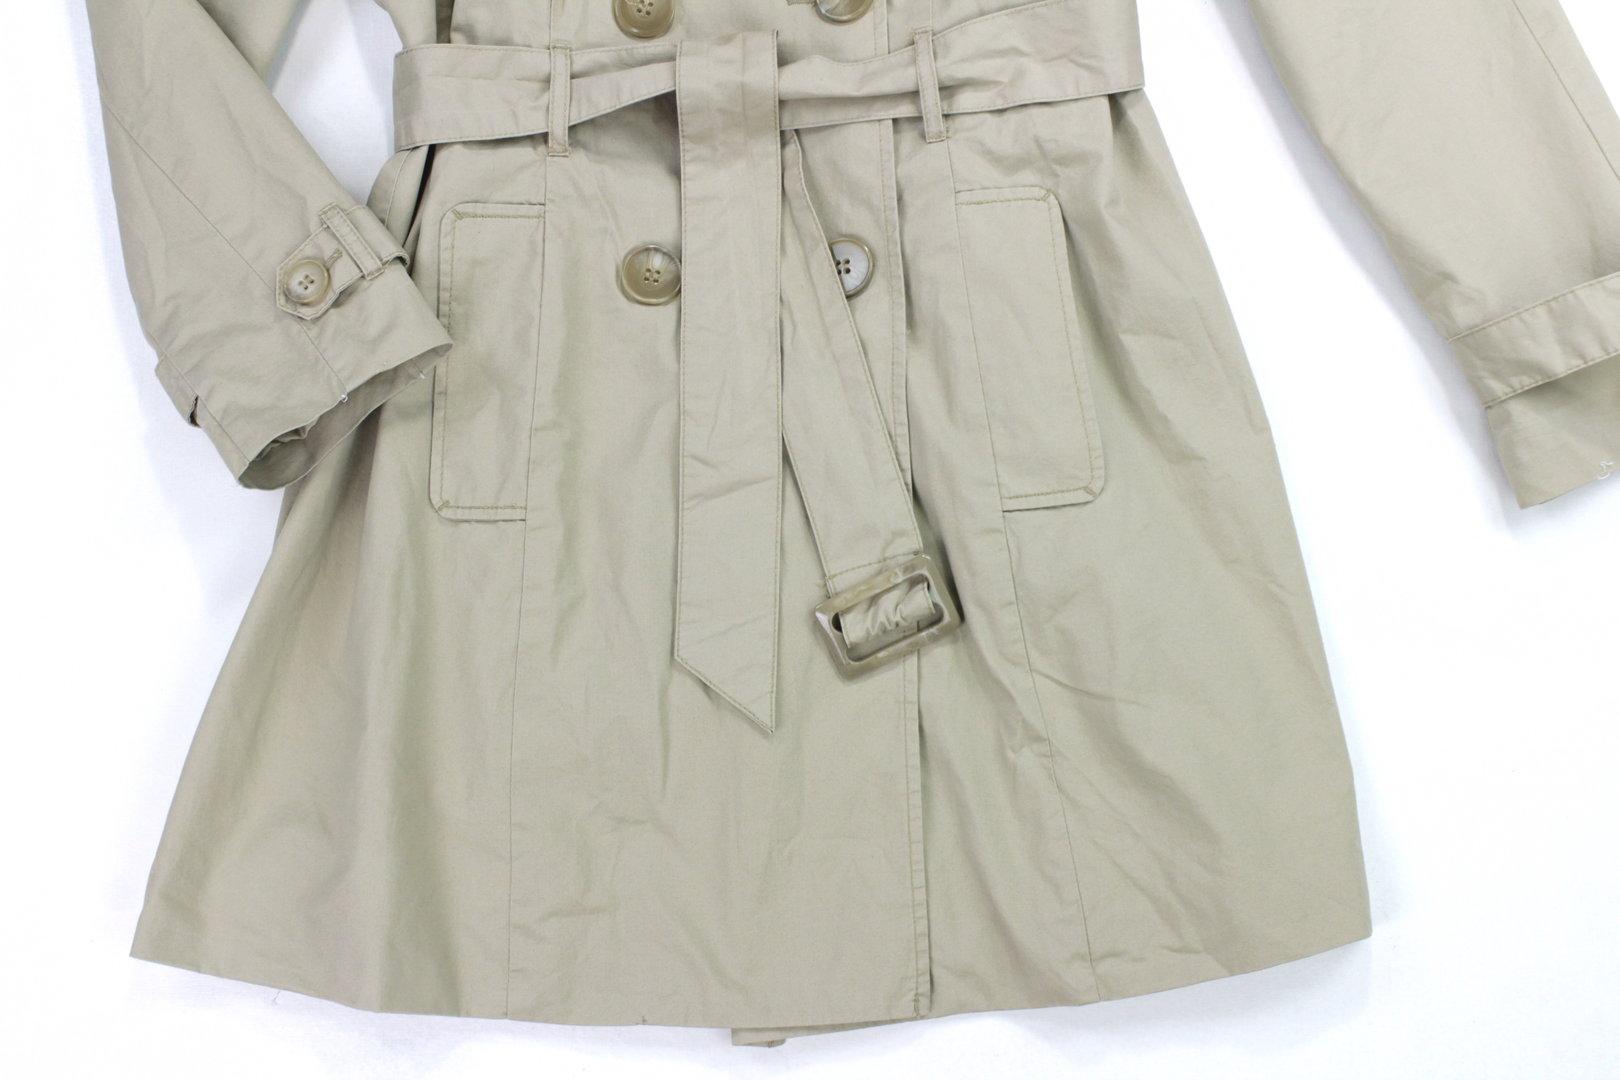 c&a trenchcoat kurz mantel damen business beige 42